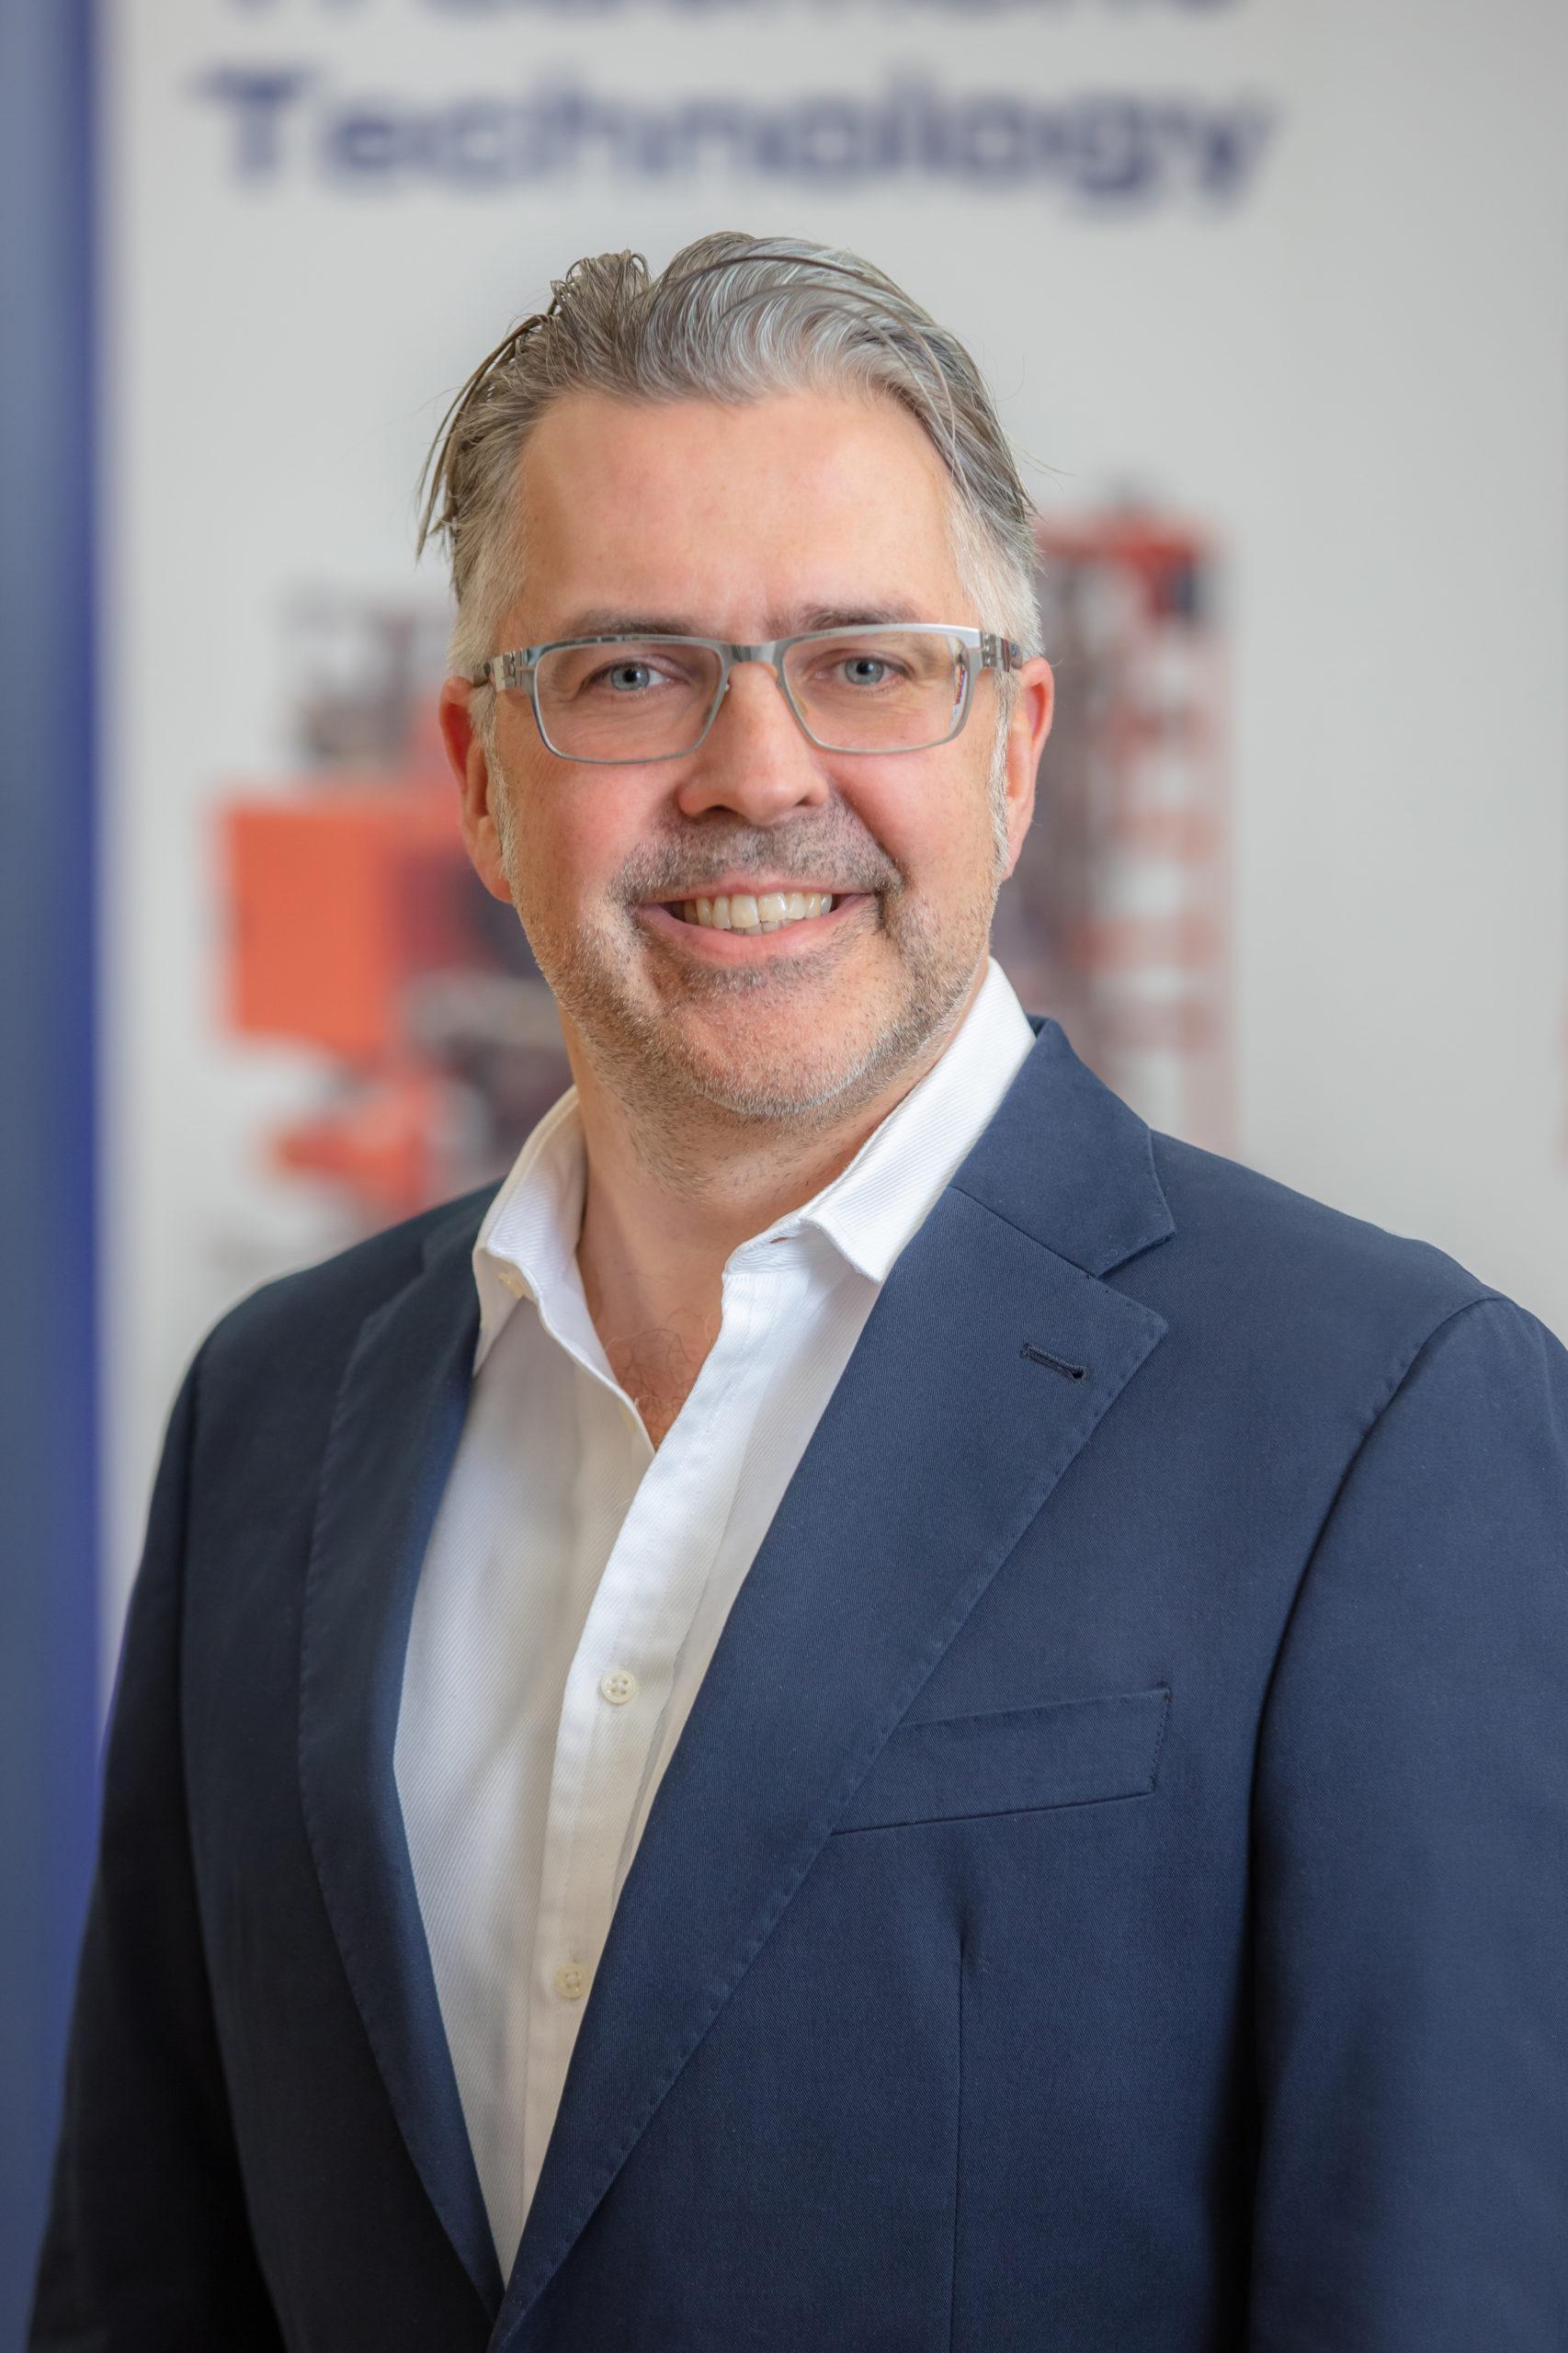 Jens van Züren